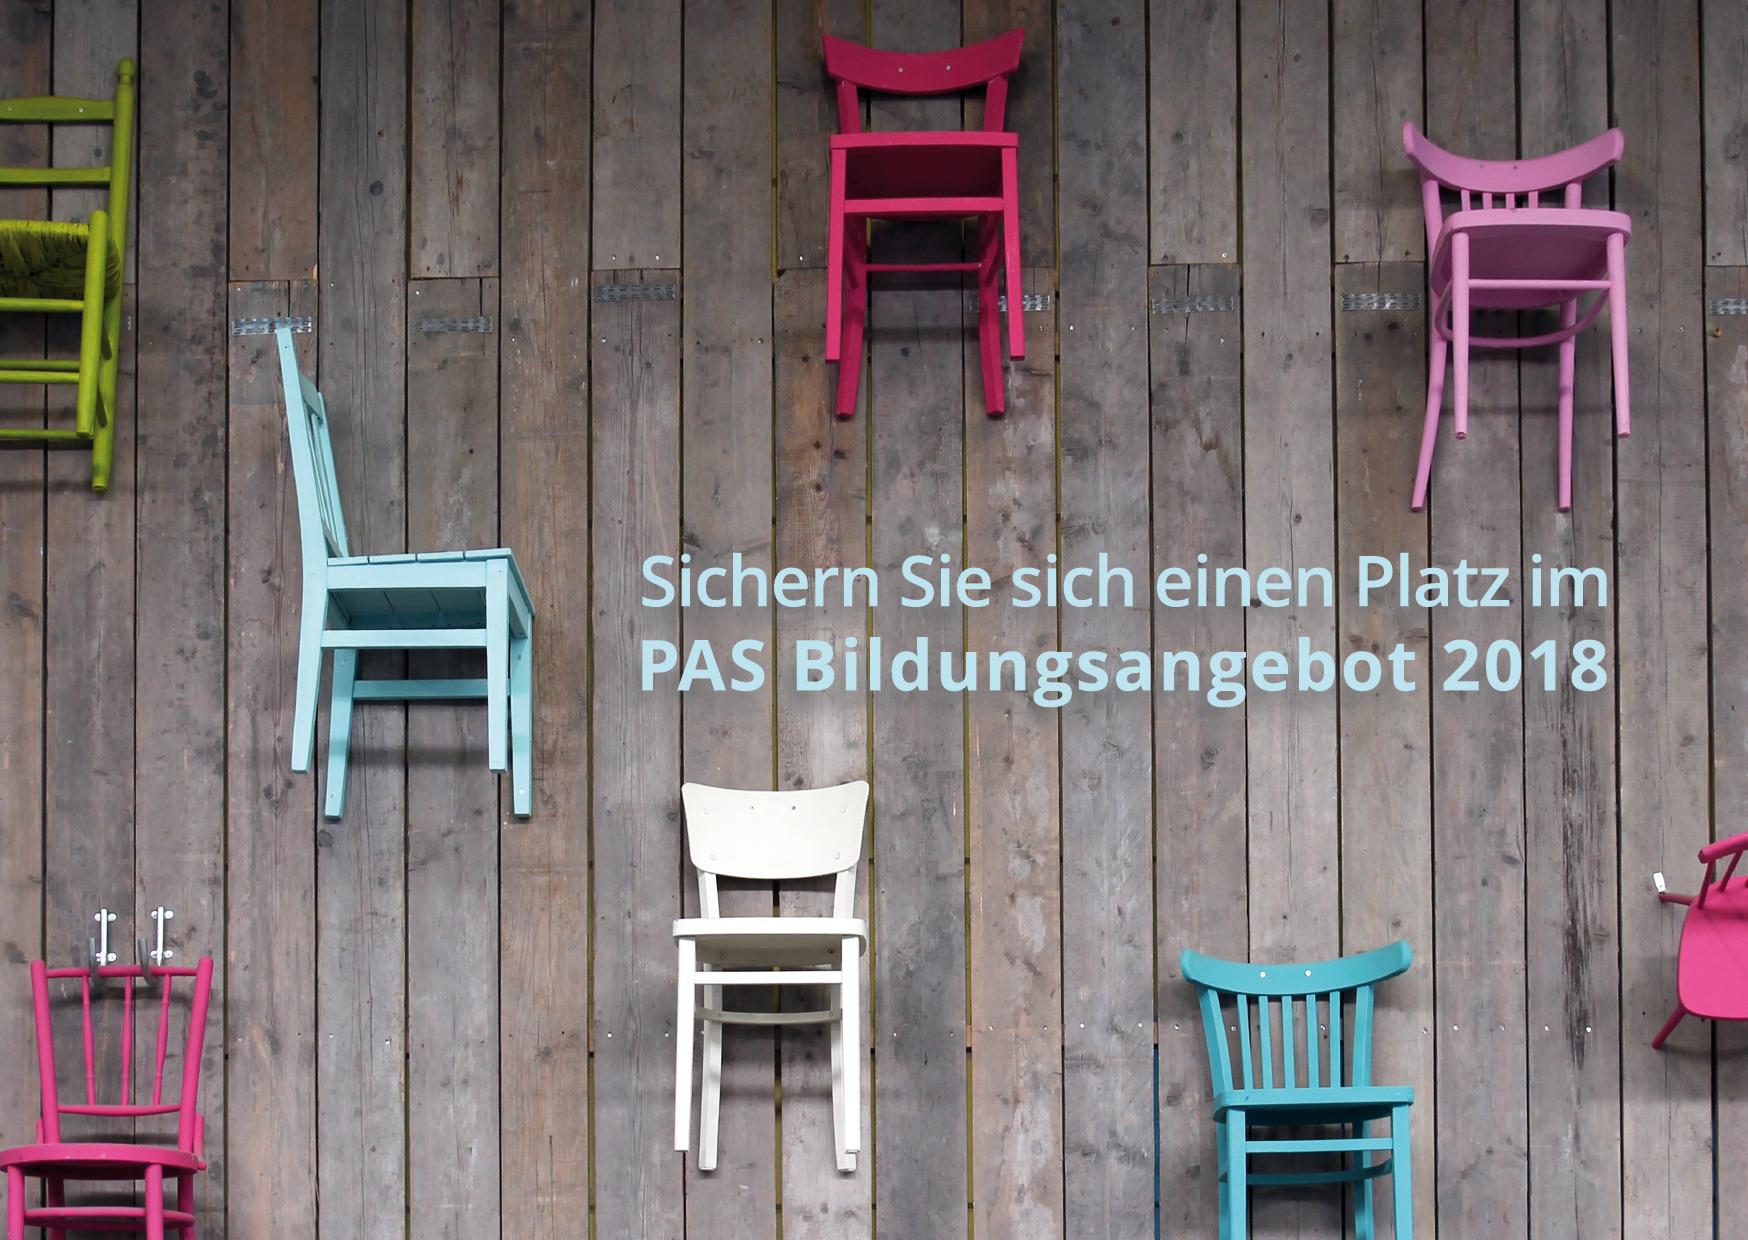 Der Paritatische Rheinland Pfalz Saarland Das Programm 2018 Der